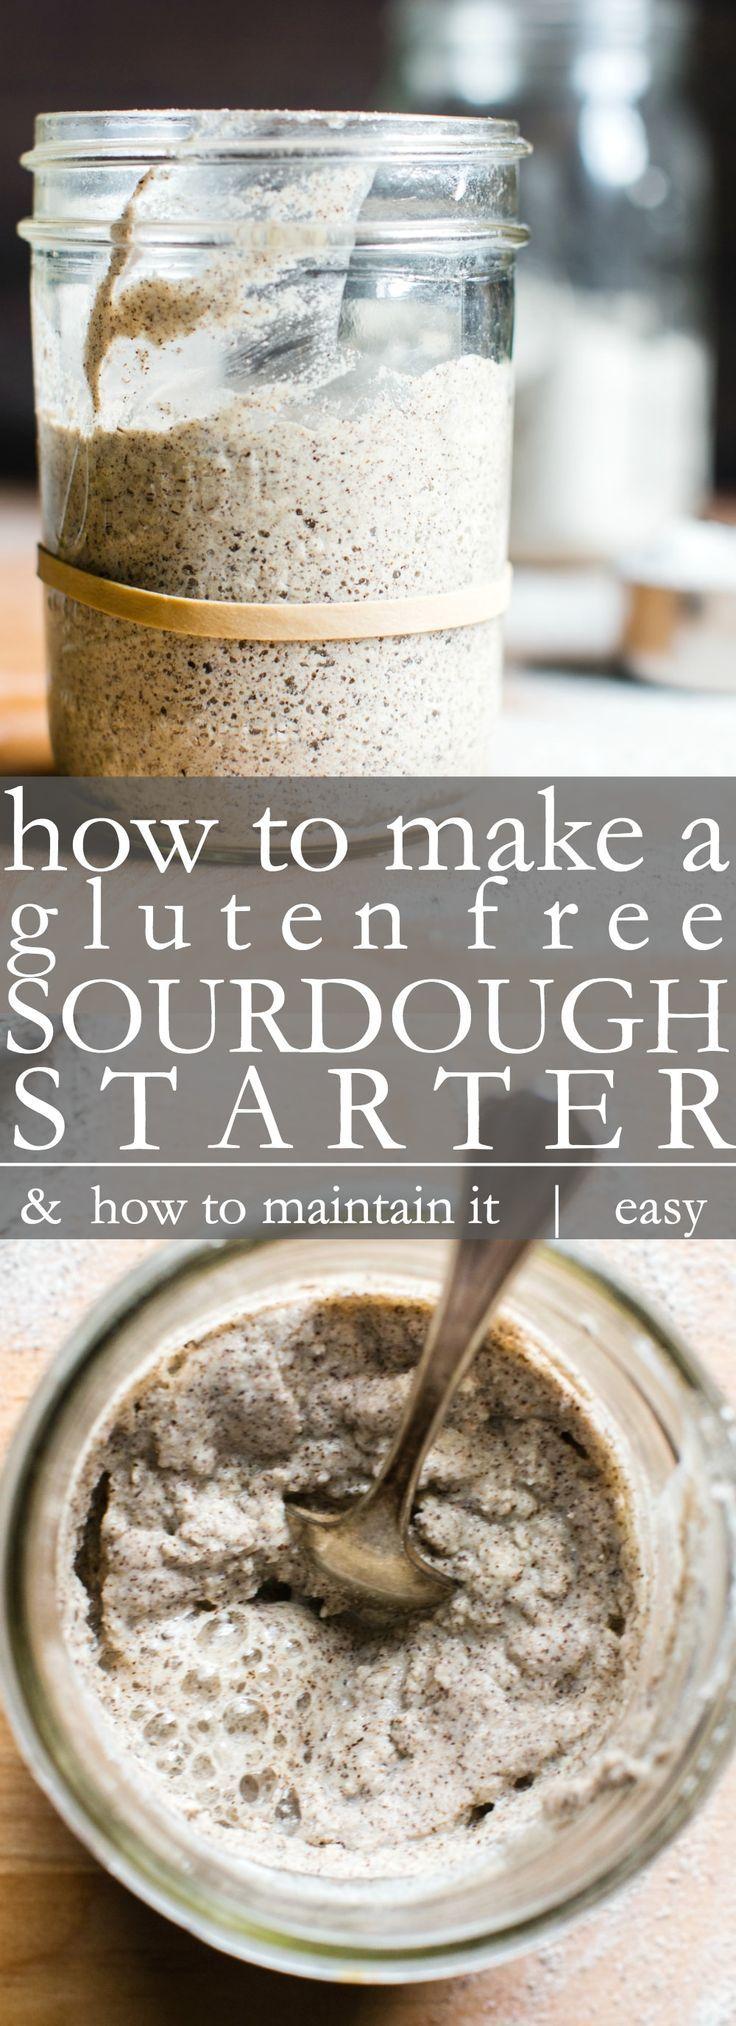 How To Make A Gluten Free Sourdough Starter Homemade Gluten Free